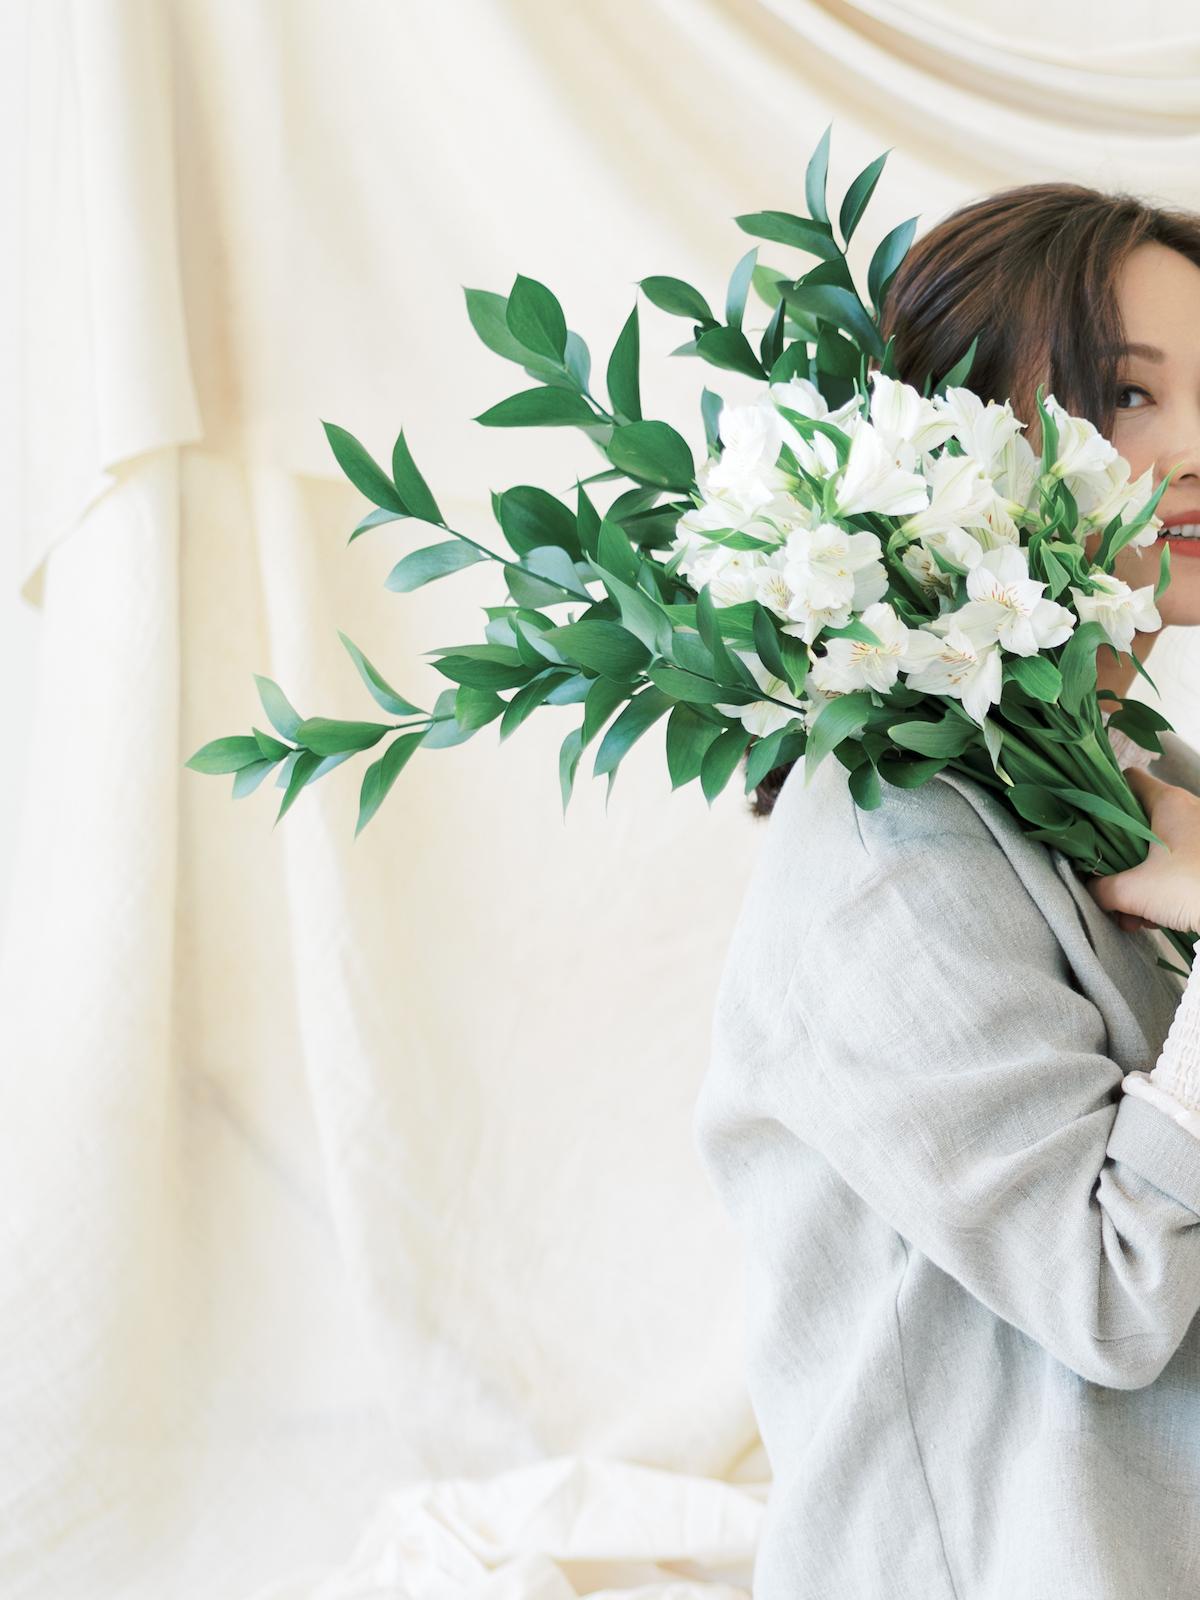 olea-and-fig-blooming-wed-brand-shoot-129.jpg